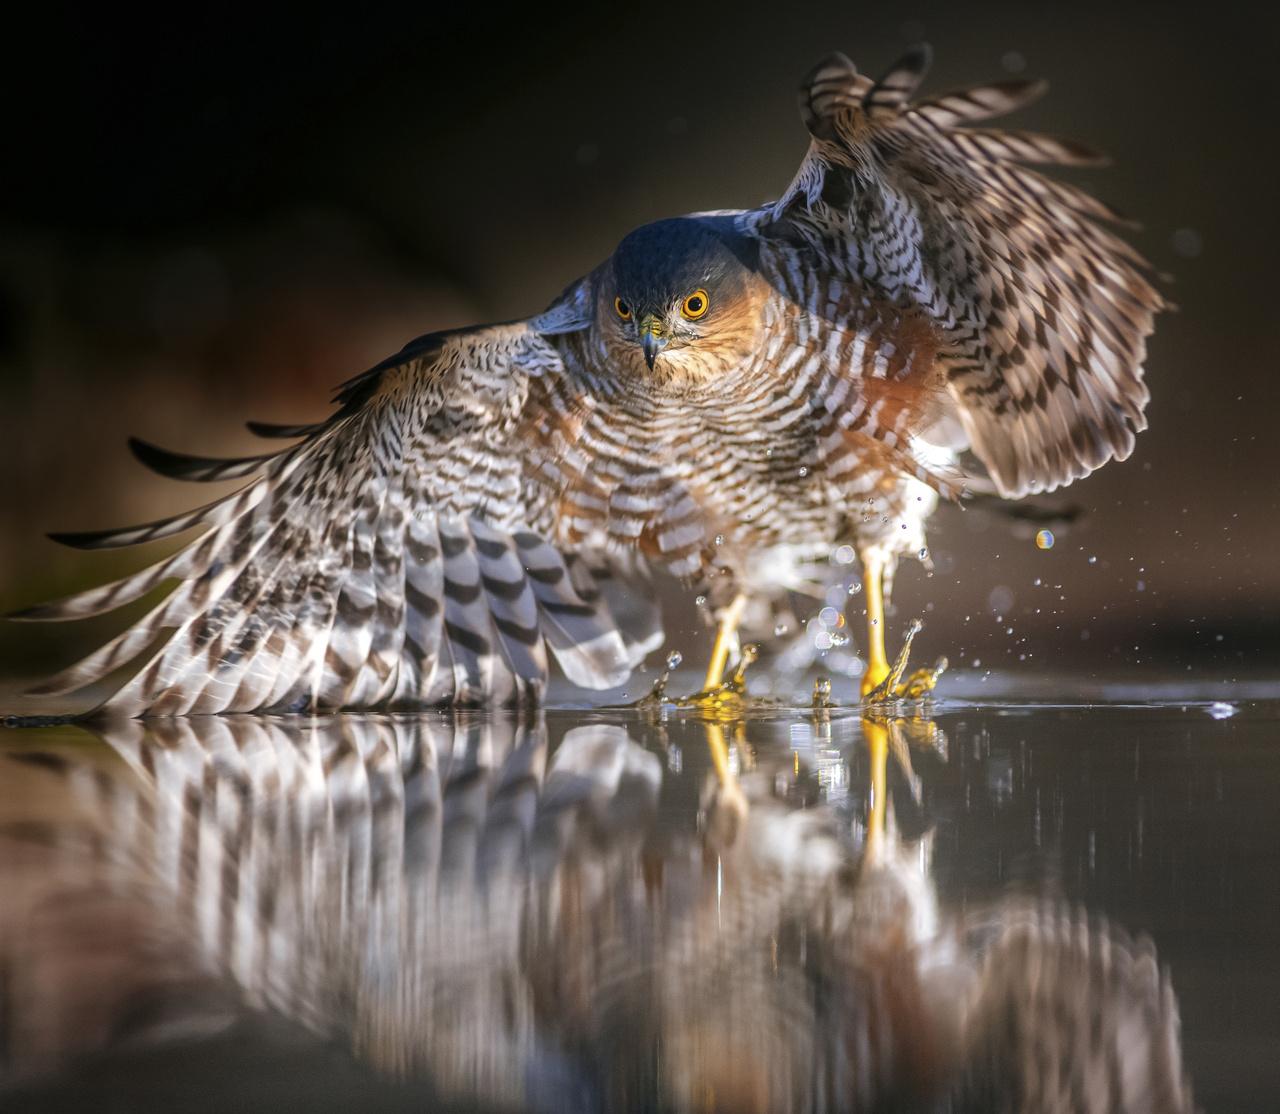 A madarak viselkedése - Dícséretre méltó - Daróczi Csaba: Vízreszállás -                          Egy enyhe decemberi napon a reggeli órákban ültem ki a lesemre, hiszen a téli időszakban ilyenkor a legszebbek a fények. Nem sok madár jár ilyenkor erre, szinte csak a ragadozók. Nemsokára meg is érkezett ez a karvaly, és kereste az ideális helyet a leszállásra. Az itató közepére kialakított hely lett szimpatikus számára. Az objektívem remekül lekövette a mozdulatot, pedig ilyenkor csupán néhány centiméter a mélységélesség.